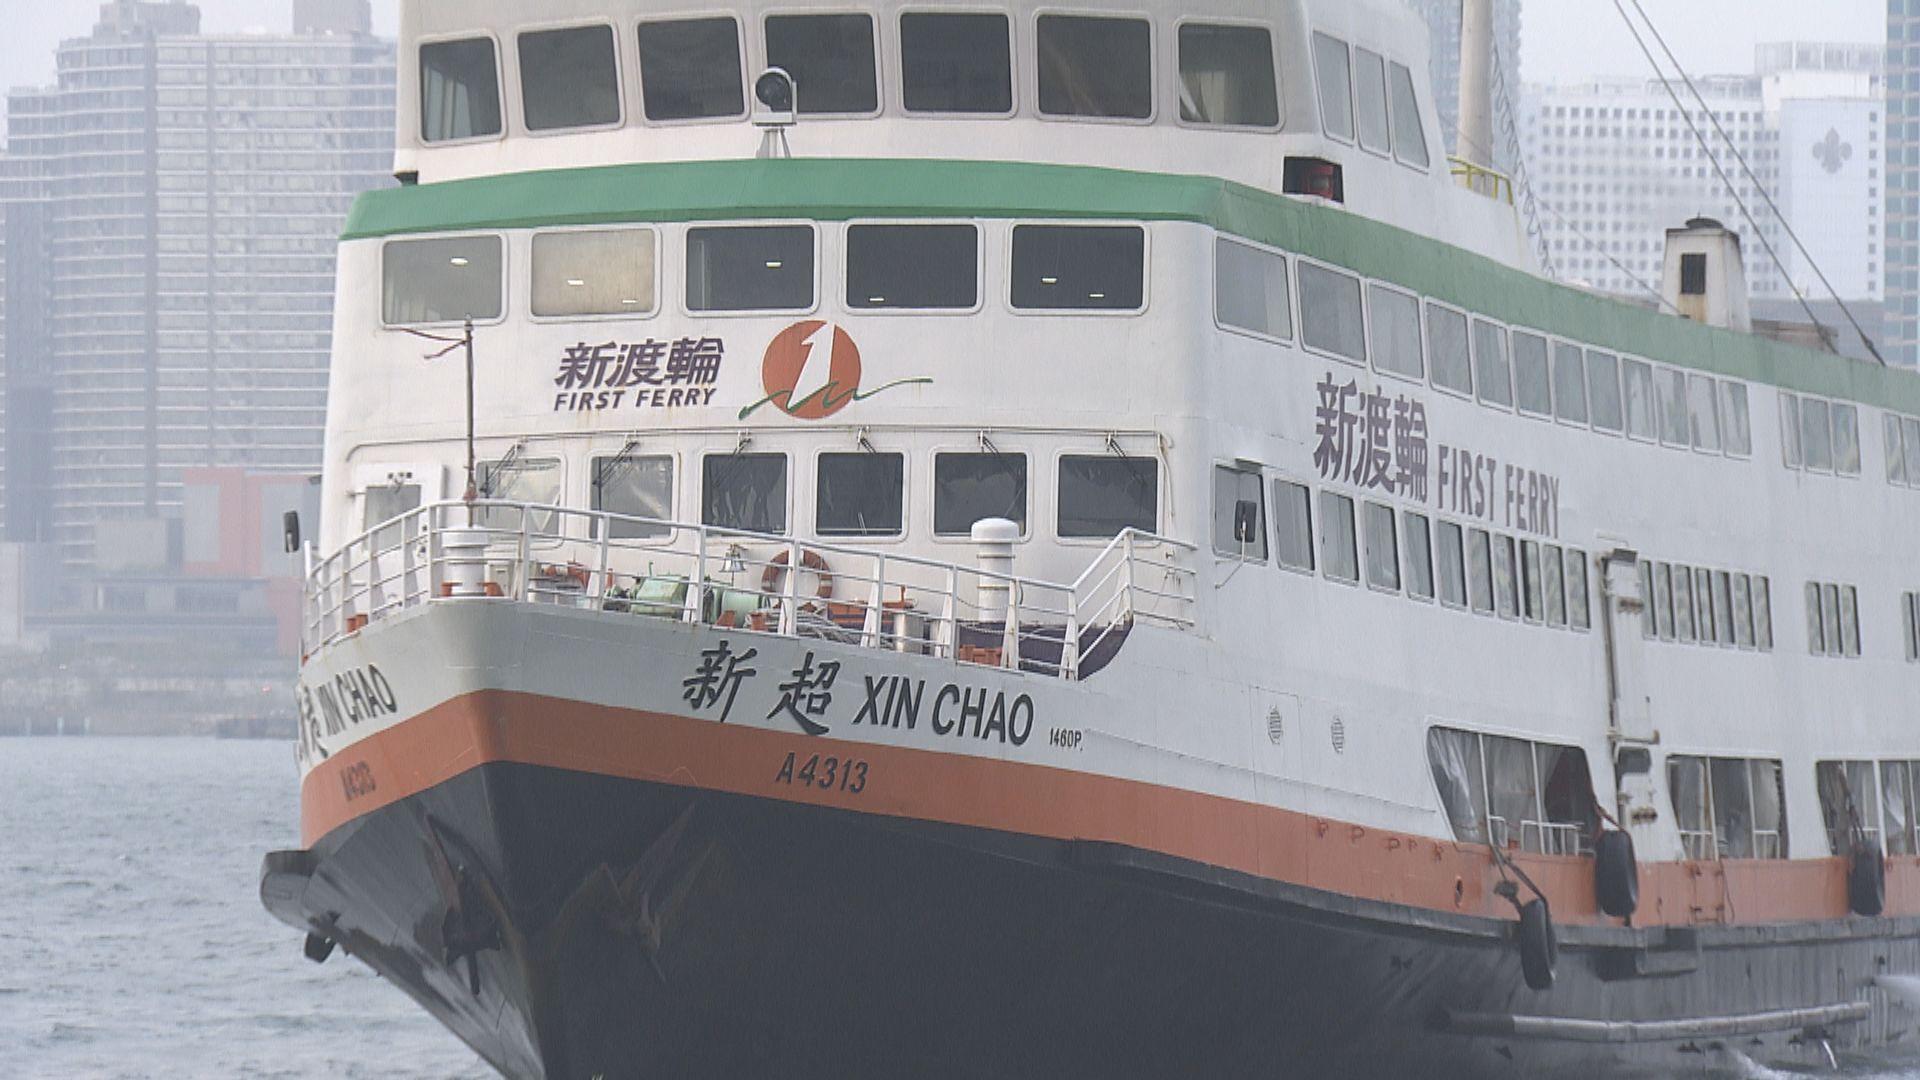 珠江船務逾2億元入股新渡輪